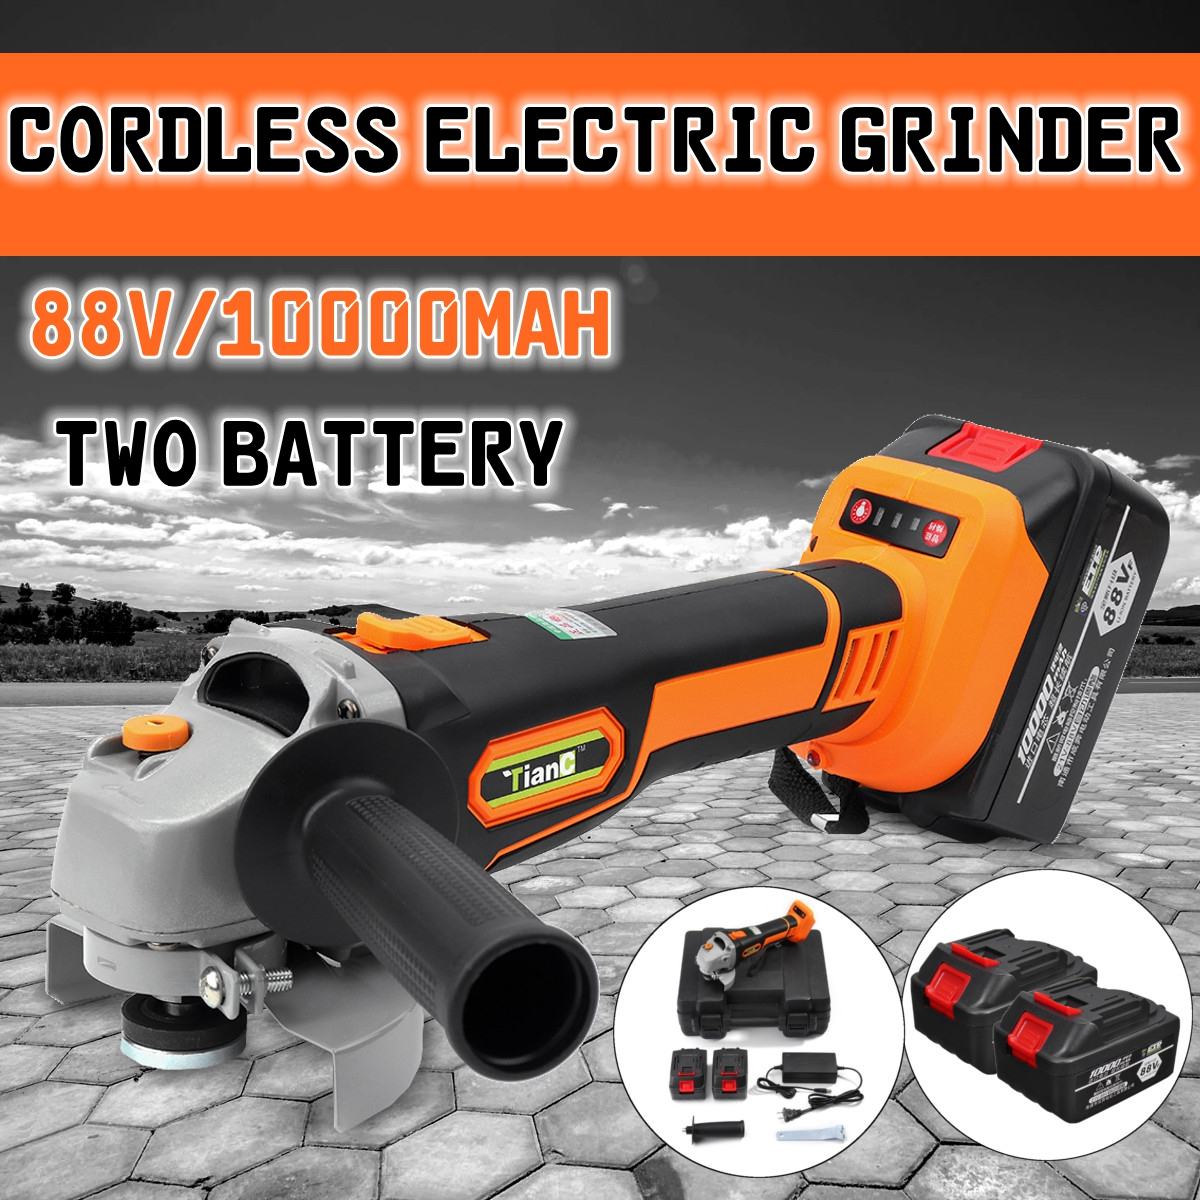 88Vf 10000 mah Électrique Angle Grinder Polisseuse Sans Fil Machine De Polissage Outil De Coupe avec 2 batterie pour broyage de coupe en métal